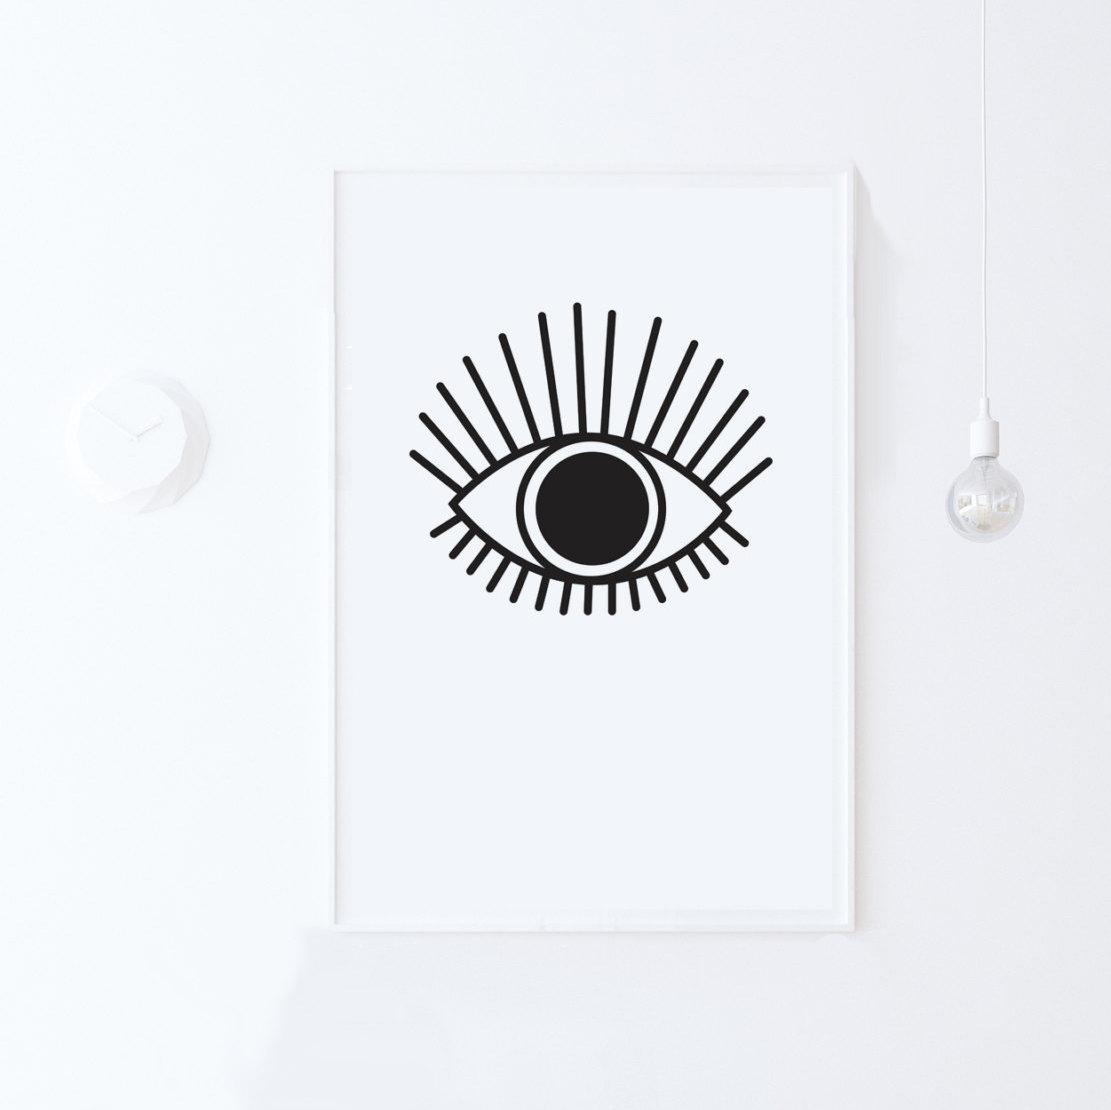 https://www.etsy.com/de/listing/258448682/eye-printeye-poster-simple-prints